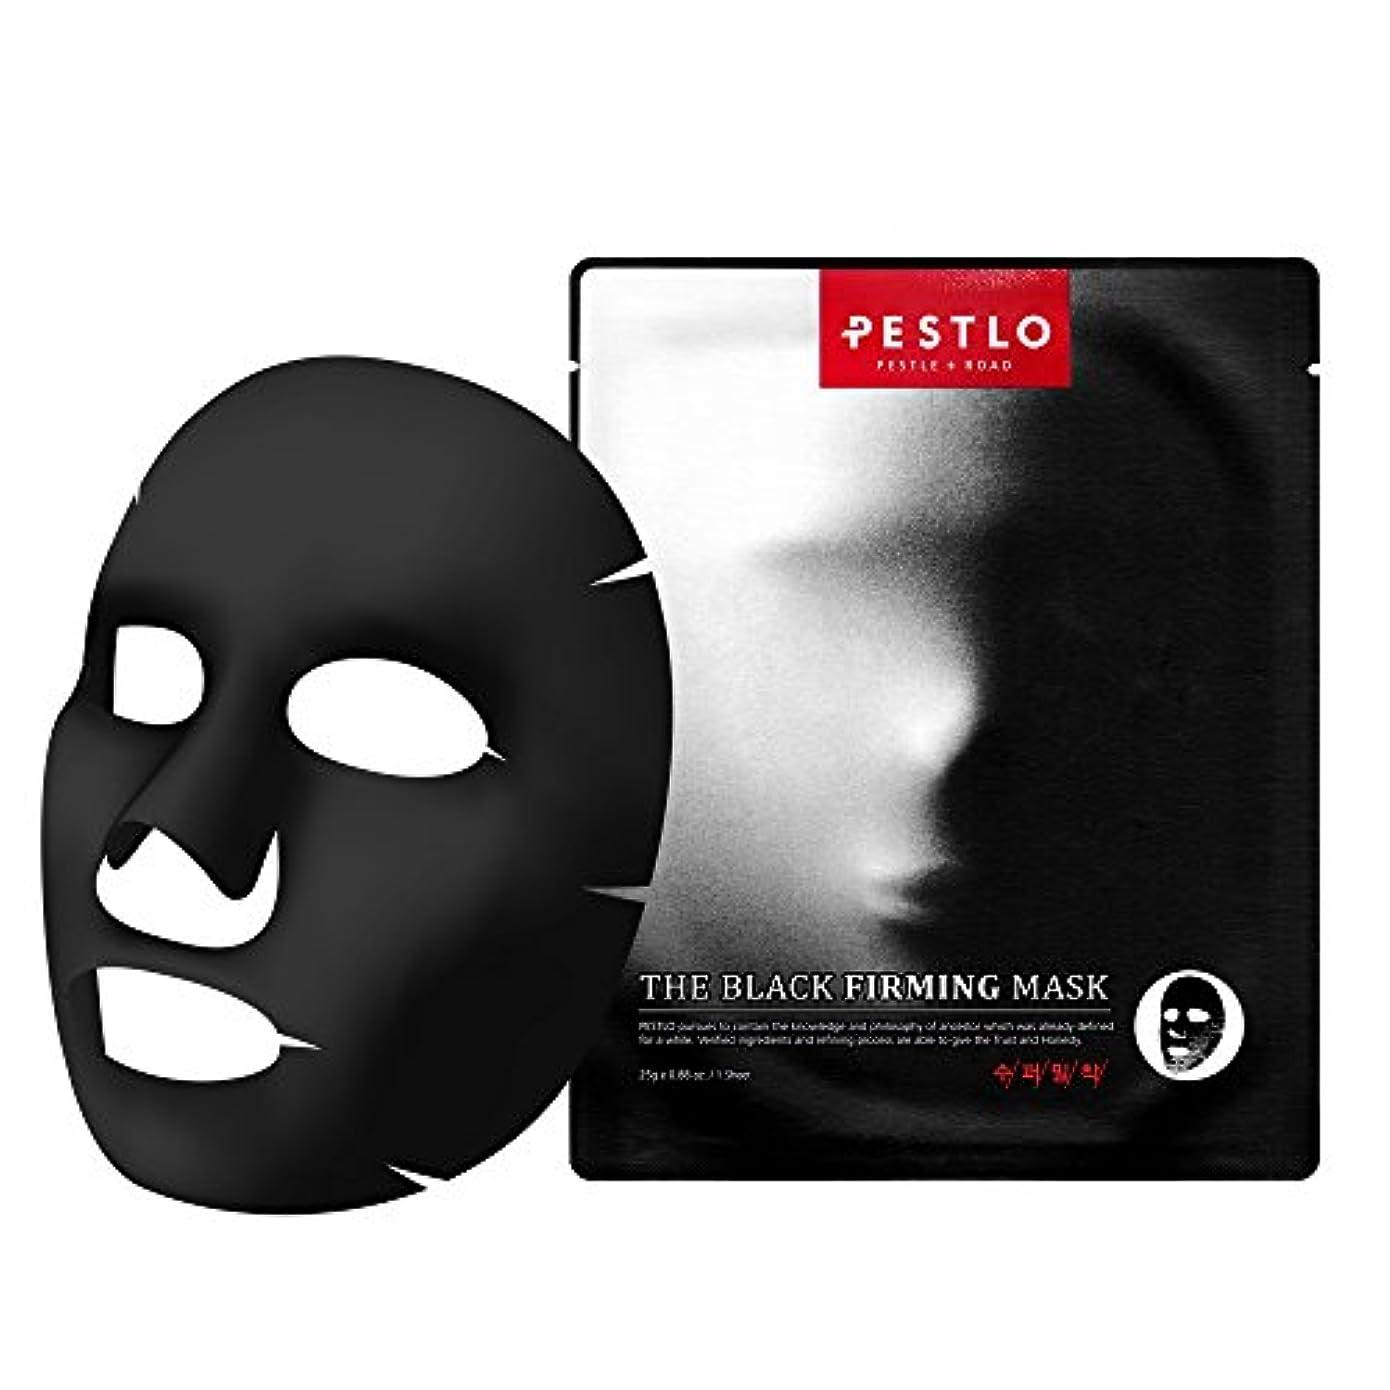 曲薄汚いバルーンPestlo The Black Firming Mask 7 Sheets 【ペスロザブラックファーミングマスク】 - モイスチャ 抗酸化効果 透明スキンケア 韓国コスメ 1シート / 25g